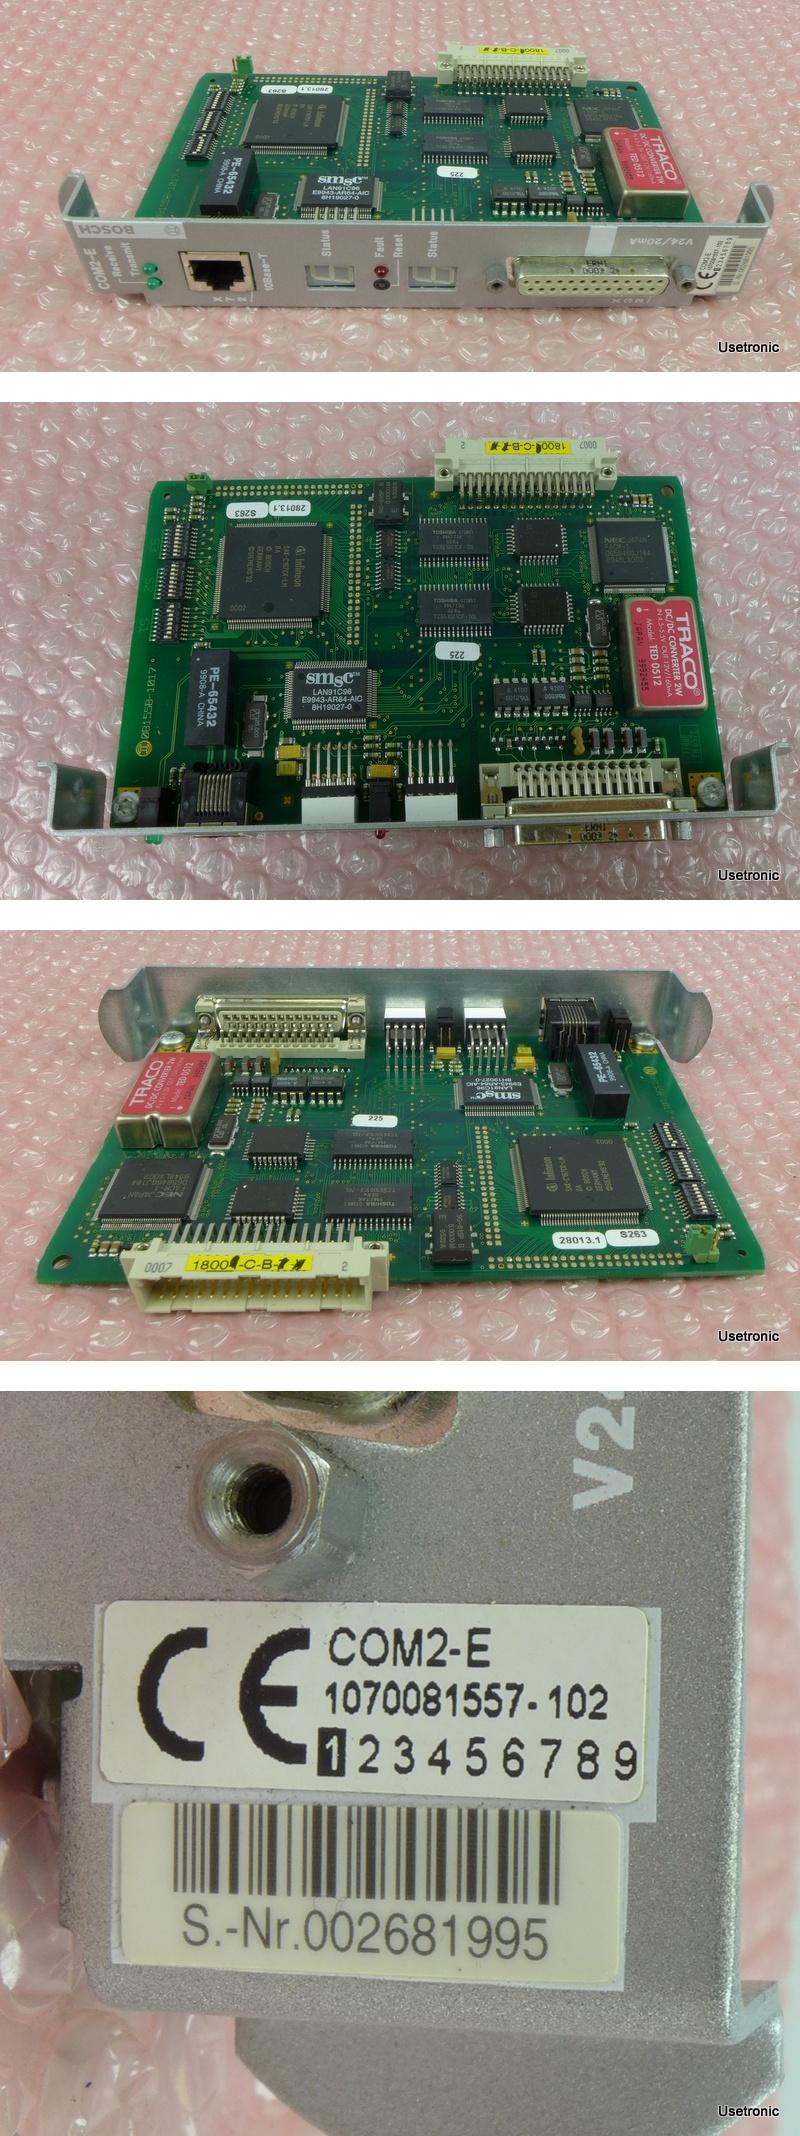 Bosch COM2-E 1070081557-102